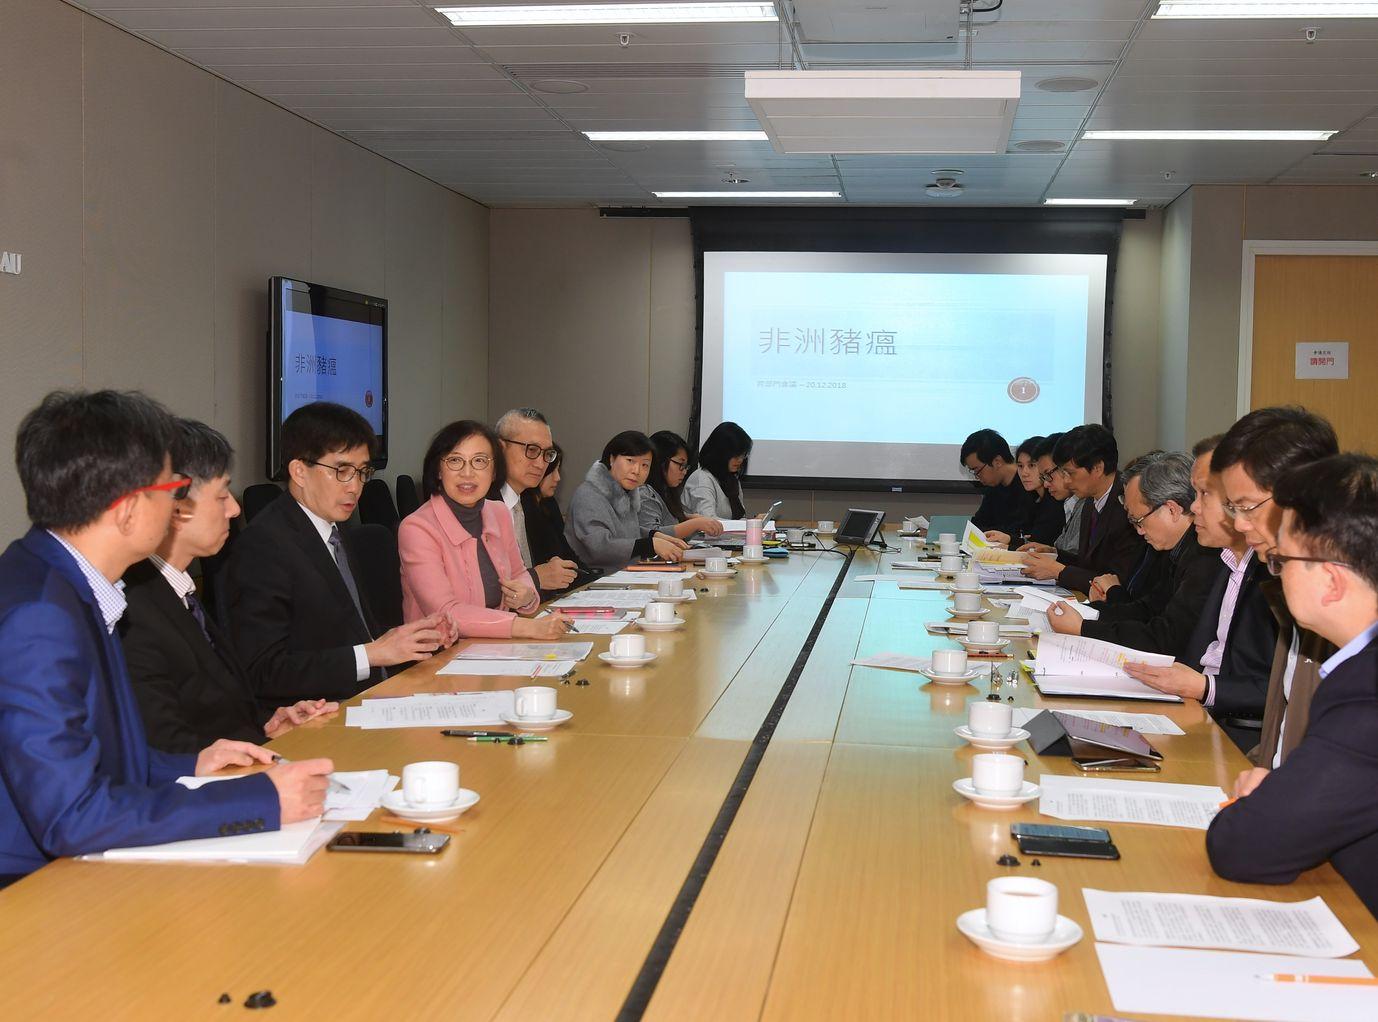 食物及衞生局局長陳肇始今日再次召開跨部門會議。政府新聞處圖片